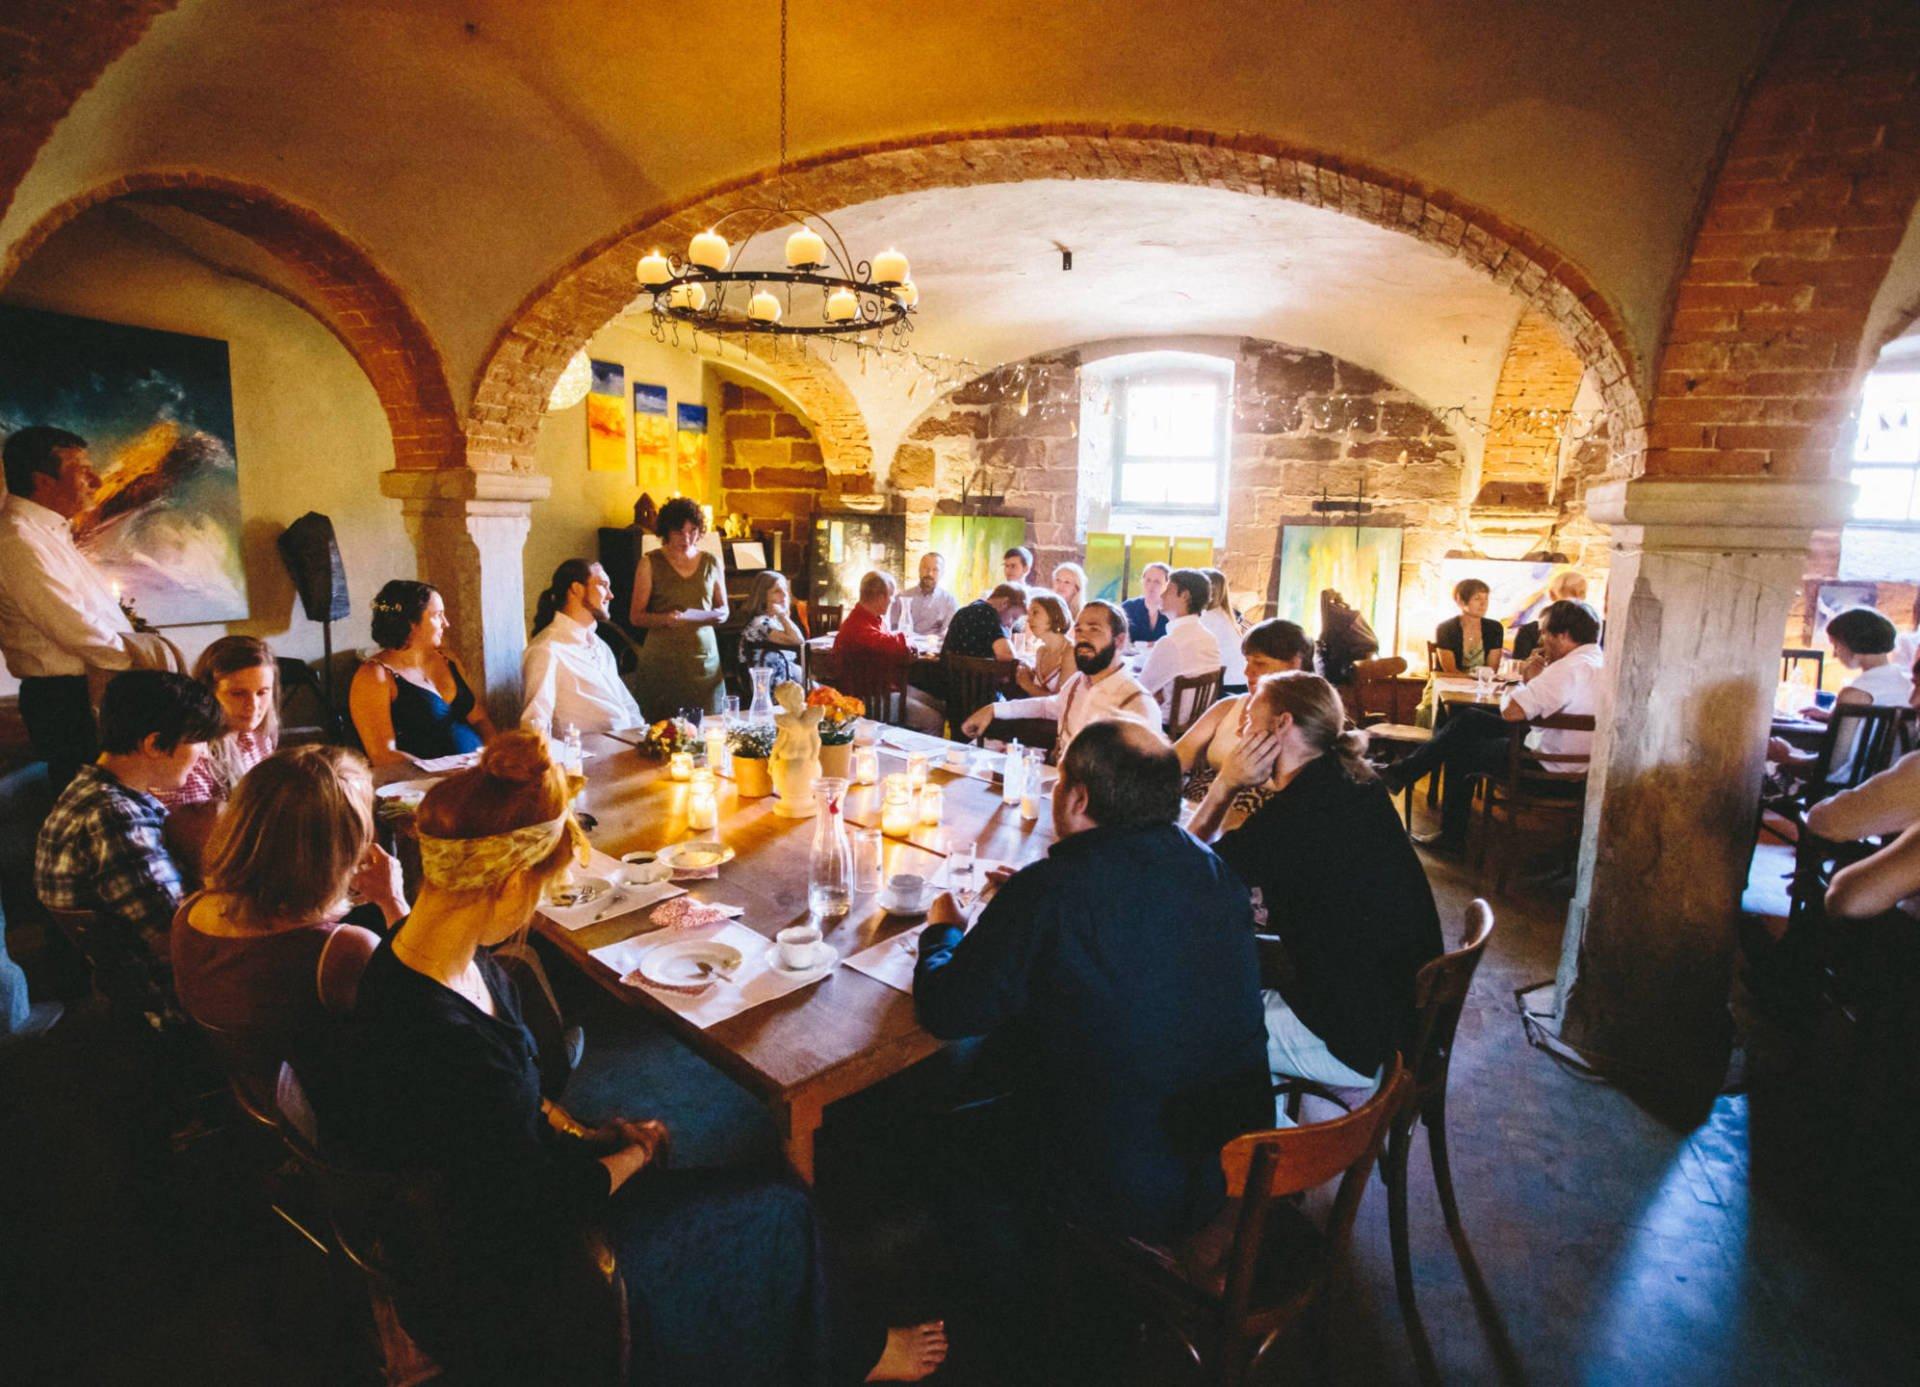 Hochzeitsreportage | Hochzeit in Kreuzgewölbe Schöngleina | 38